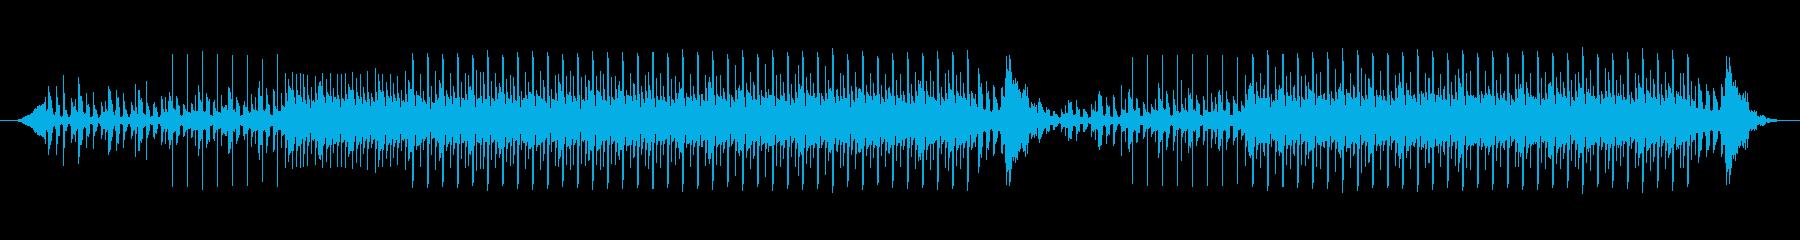 ほのぼのした、かわいい四つ打ちエレクトロの再生済みの波形